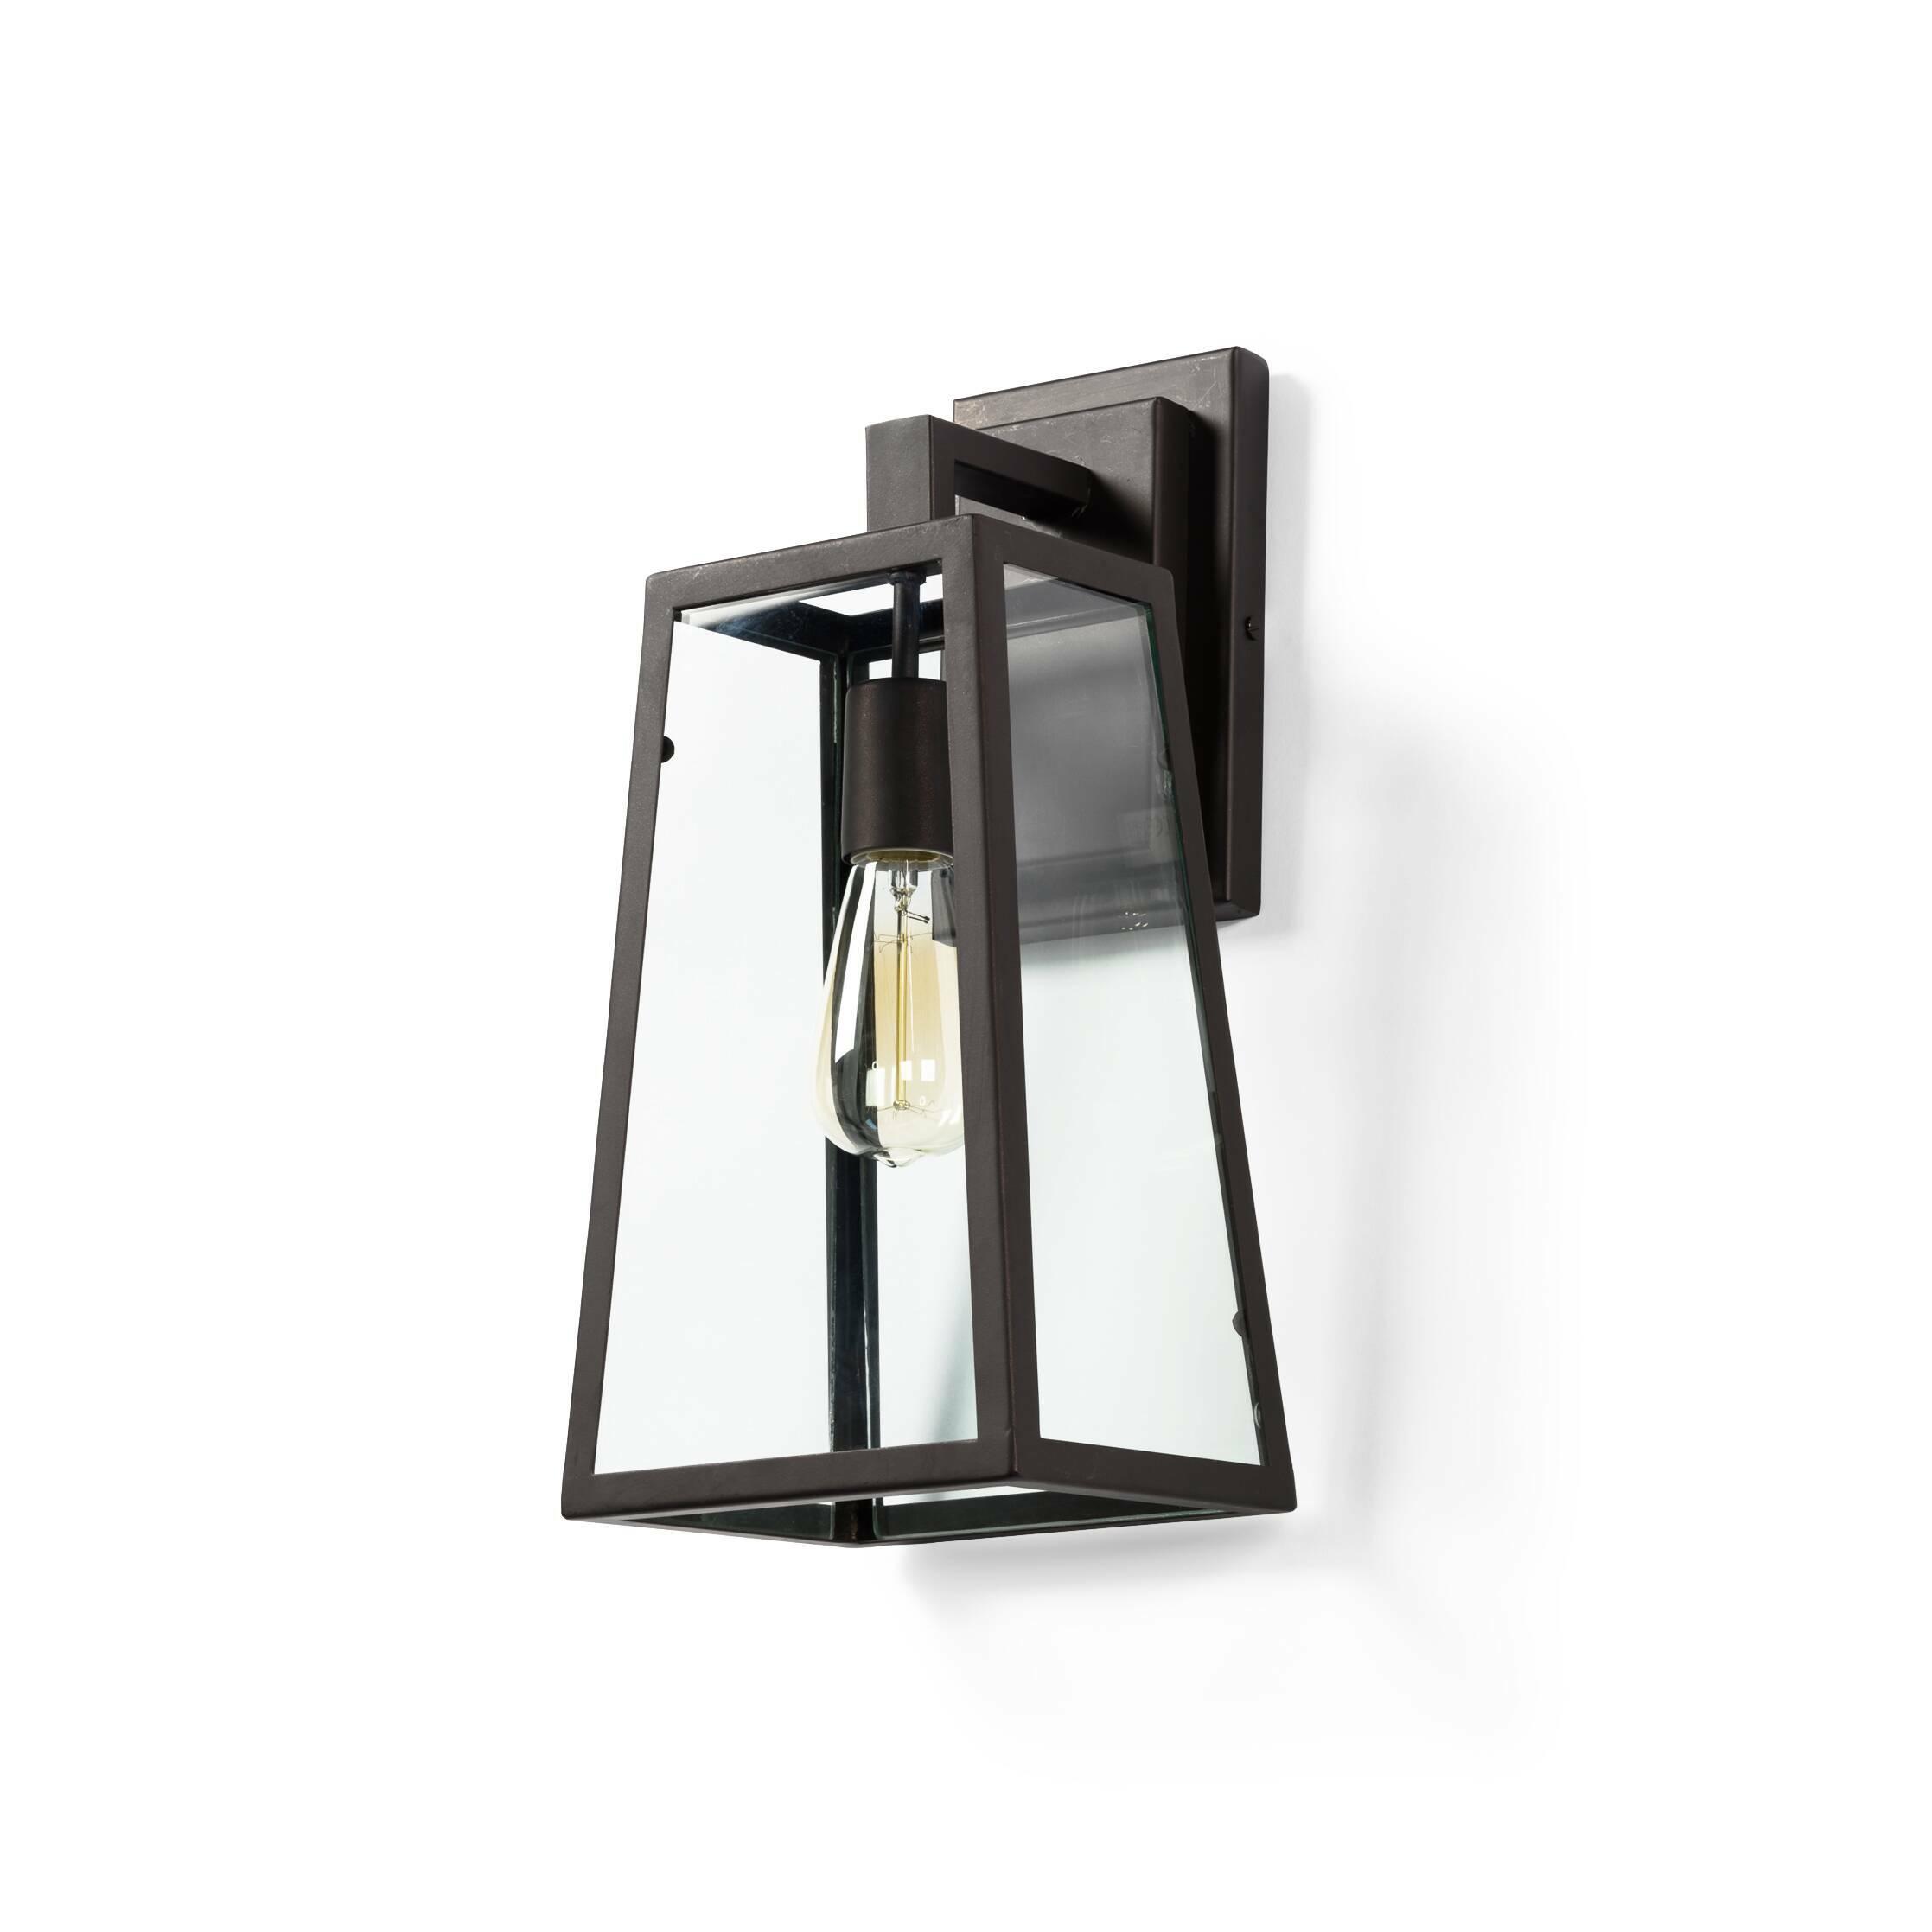 Настенный светильник LodgeНастенные<br>Настенный светильник Lodge — это современная интерпретация старинных уличных ламп. Вдохновившись образом старинных кованых ламп, дизайнеры предложили современный вариант, который сколь лаконичен, столь и причудлив. Дизайнеры избавились от большого количества граней, благодаря чему ушла некоторая часть схожести и осталась лишь небольшая стилизация, намек на источник вдохновения. Это дает возможность использовать светильник в интерьерах различной стилевой направленности, таких как лофт, китч, г...<br><br>stock: 2<br>Высота: 43<br>Длина: 20<br>Длина провода: 150<br>Количество ламп: 1<br>Материал абажура: Сталь<br>Мощность лампы: 40<br>Ламп в комплекте: Нет<br>Напряжение: 220<br>Тип лампы/цоколь: E27<br>Цвет абажура: Антикварный<br>Цвет провода: Черный